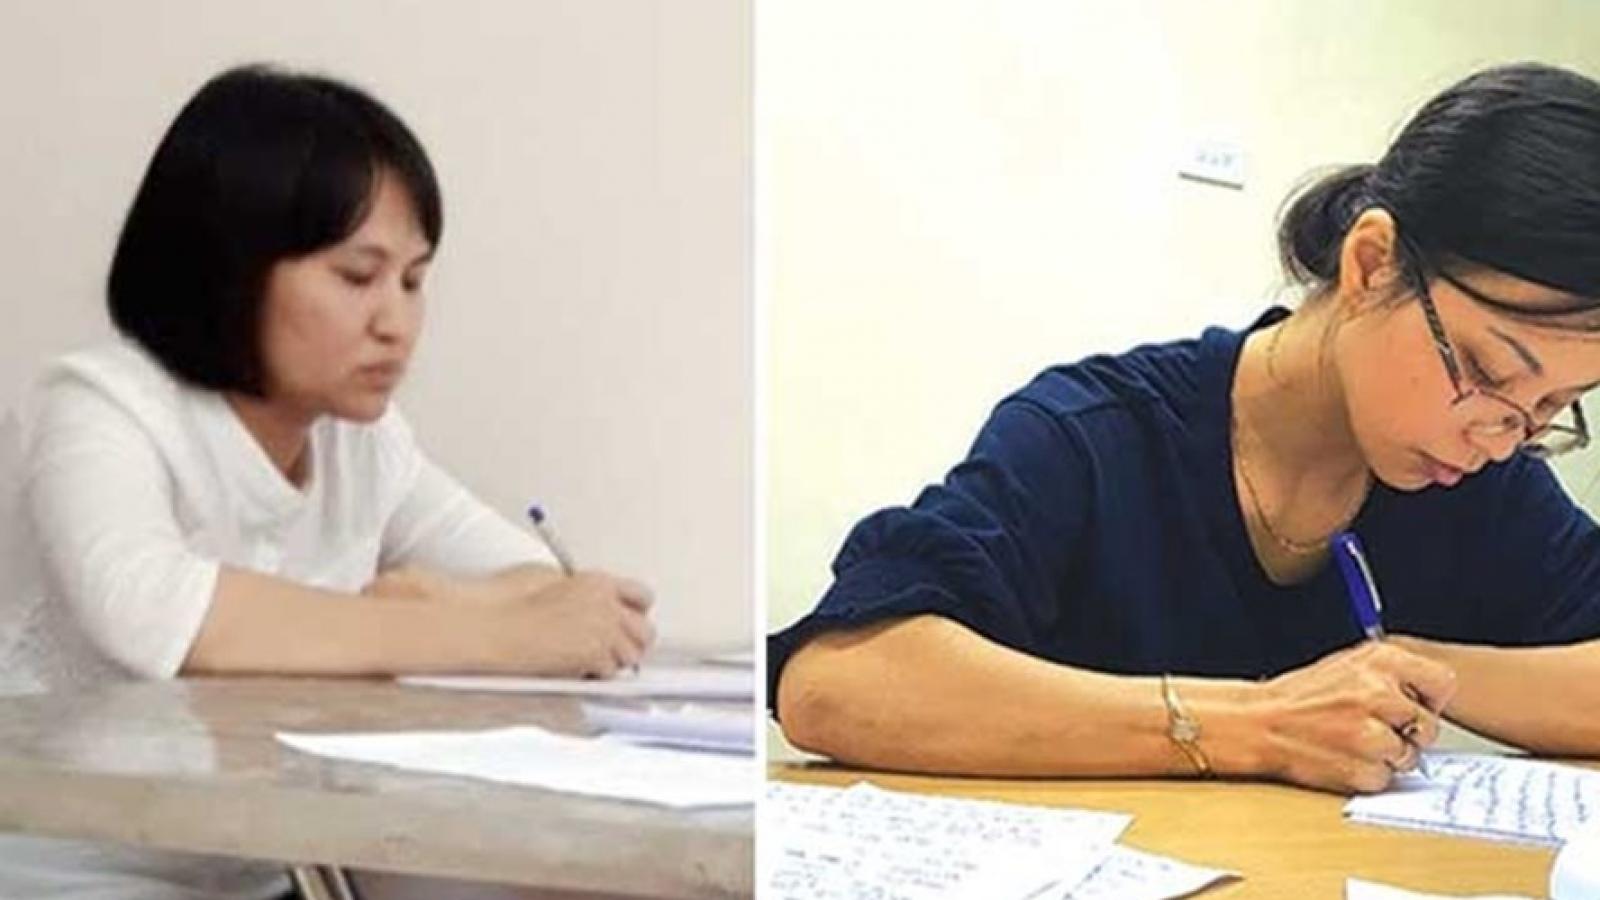 Khởi tố3 chuyên viên Sở Văn hóa, Thể thao và Du lịch Lào Cai